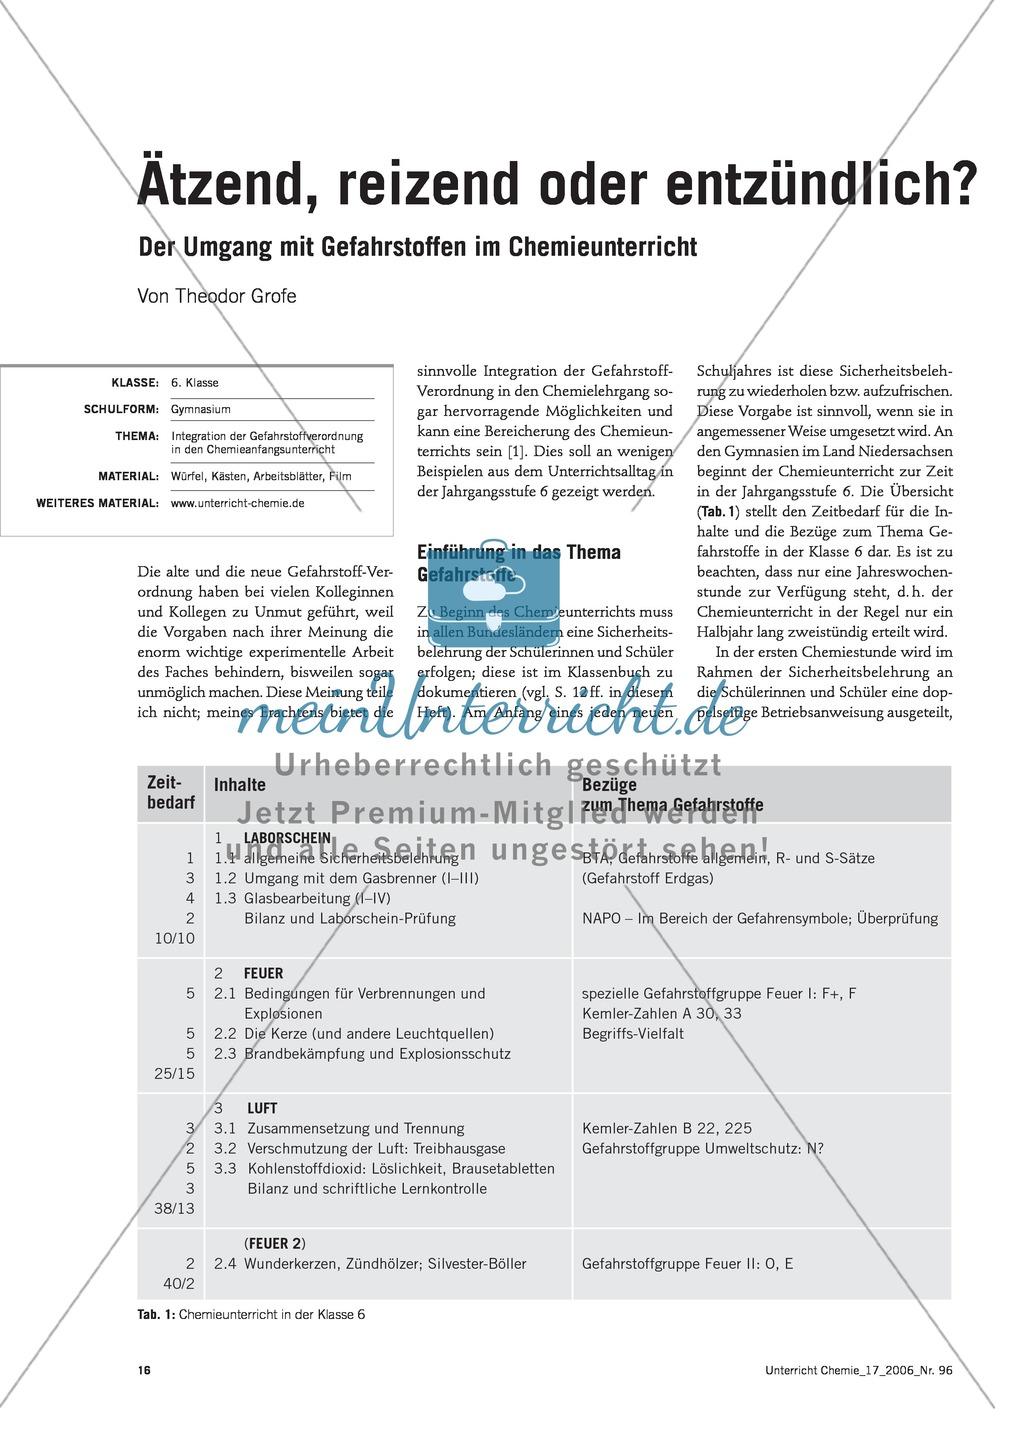 Der Umgang mit Gefahrstoffen im Chemieunterricht - die Gefahrstoffverordnung Preview 0